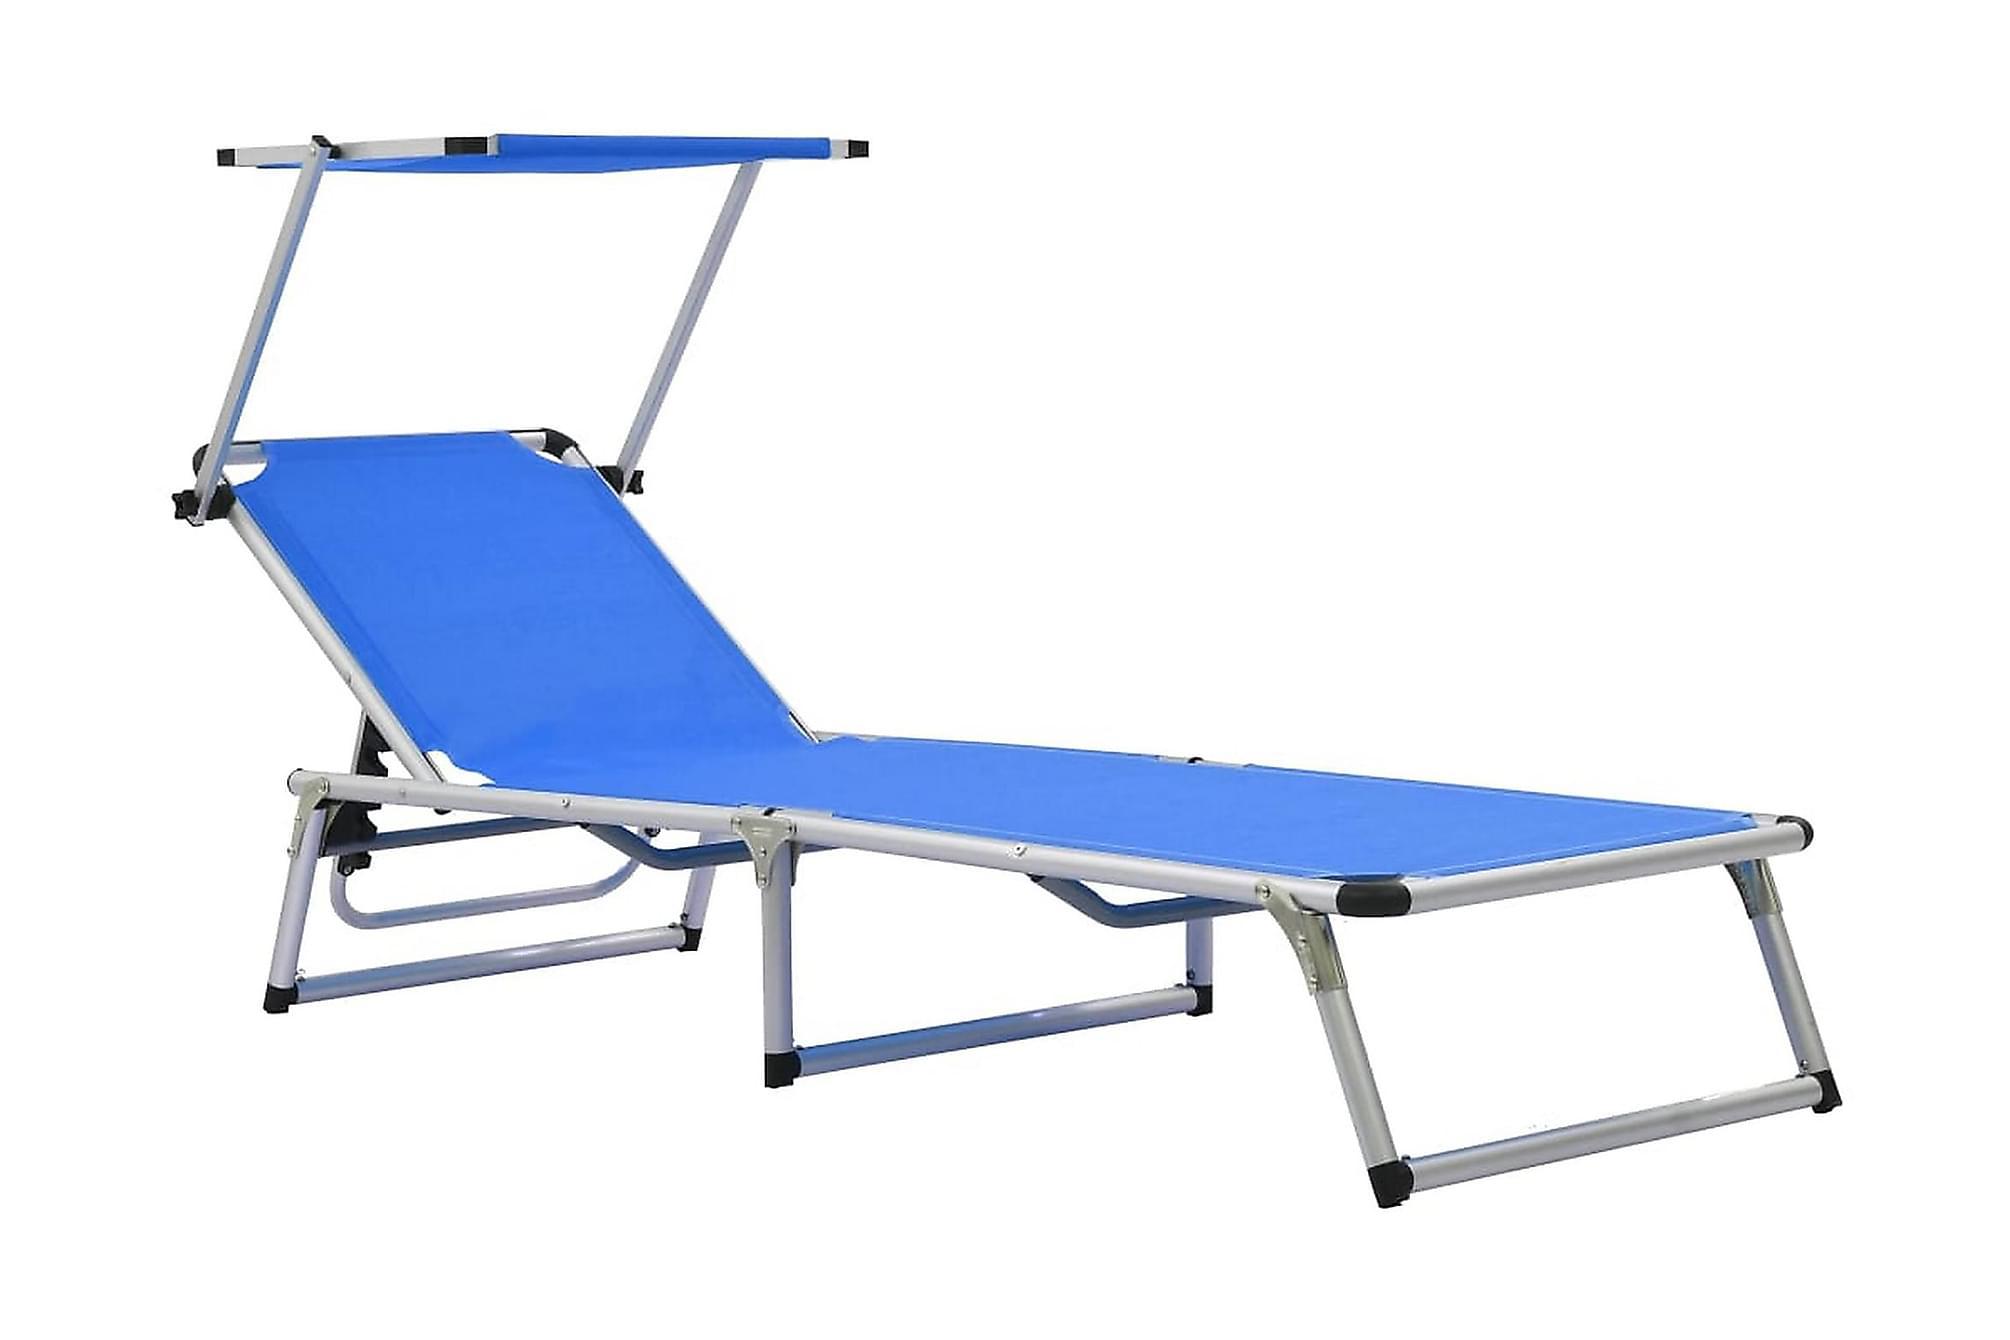 Hopfällbar solsäng med tak aluminium och textilen blå, Solstol